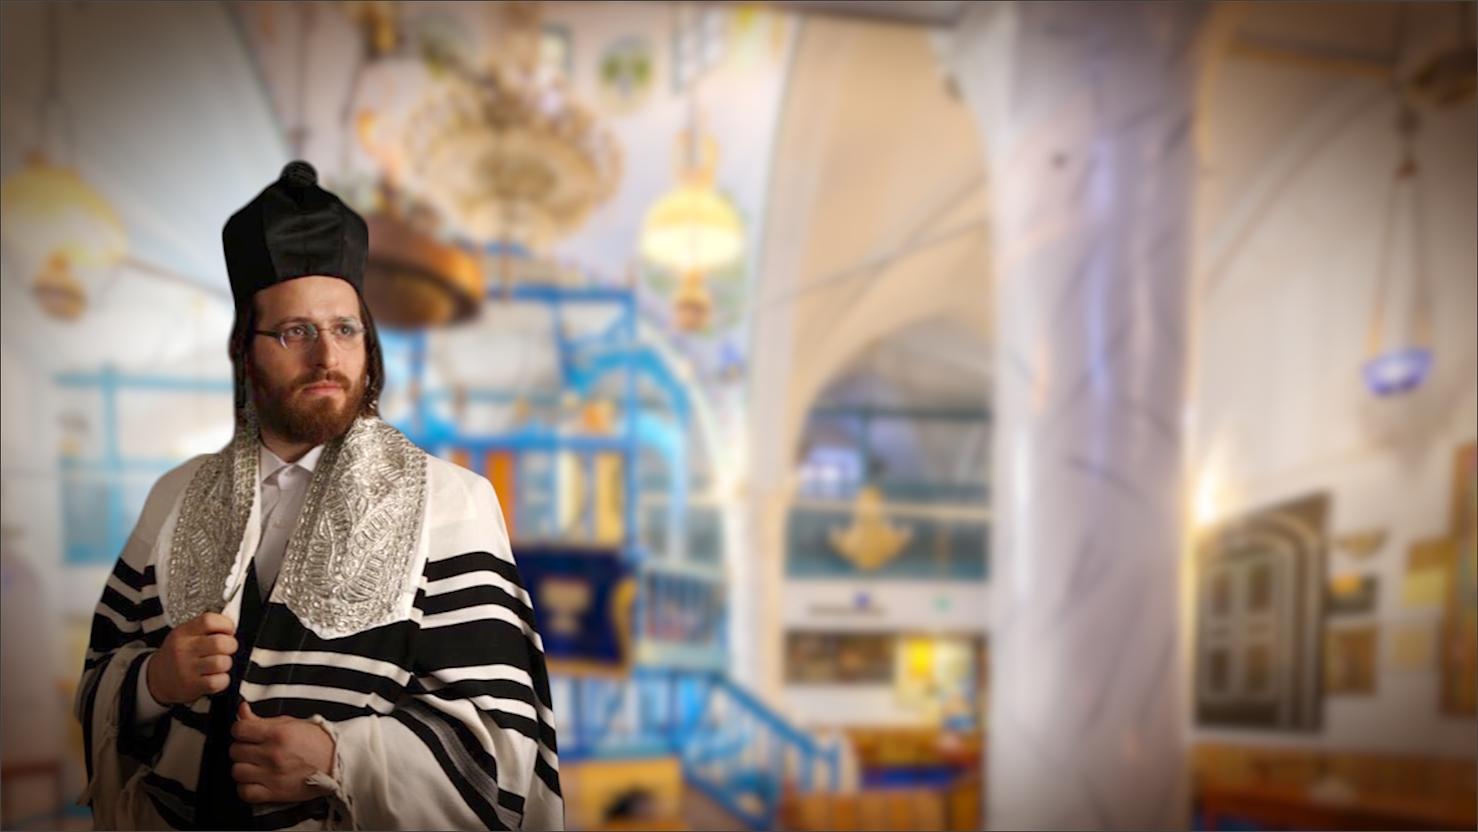 החזן יעקב יצחק רוזנפלד